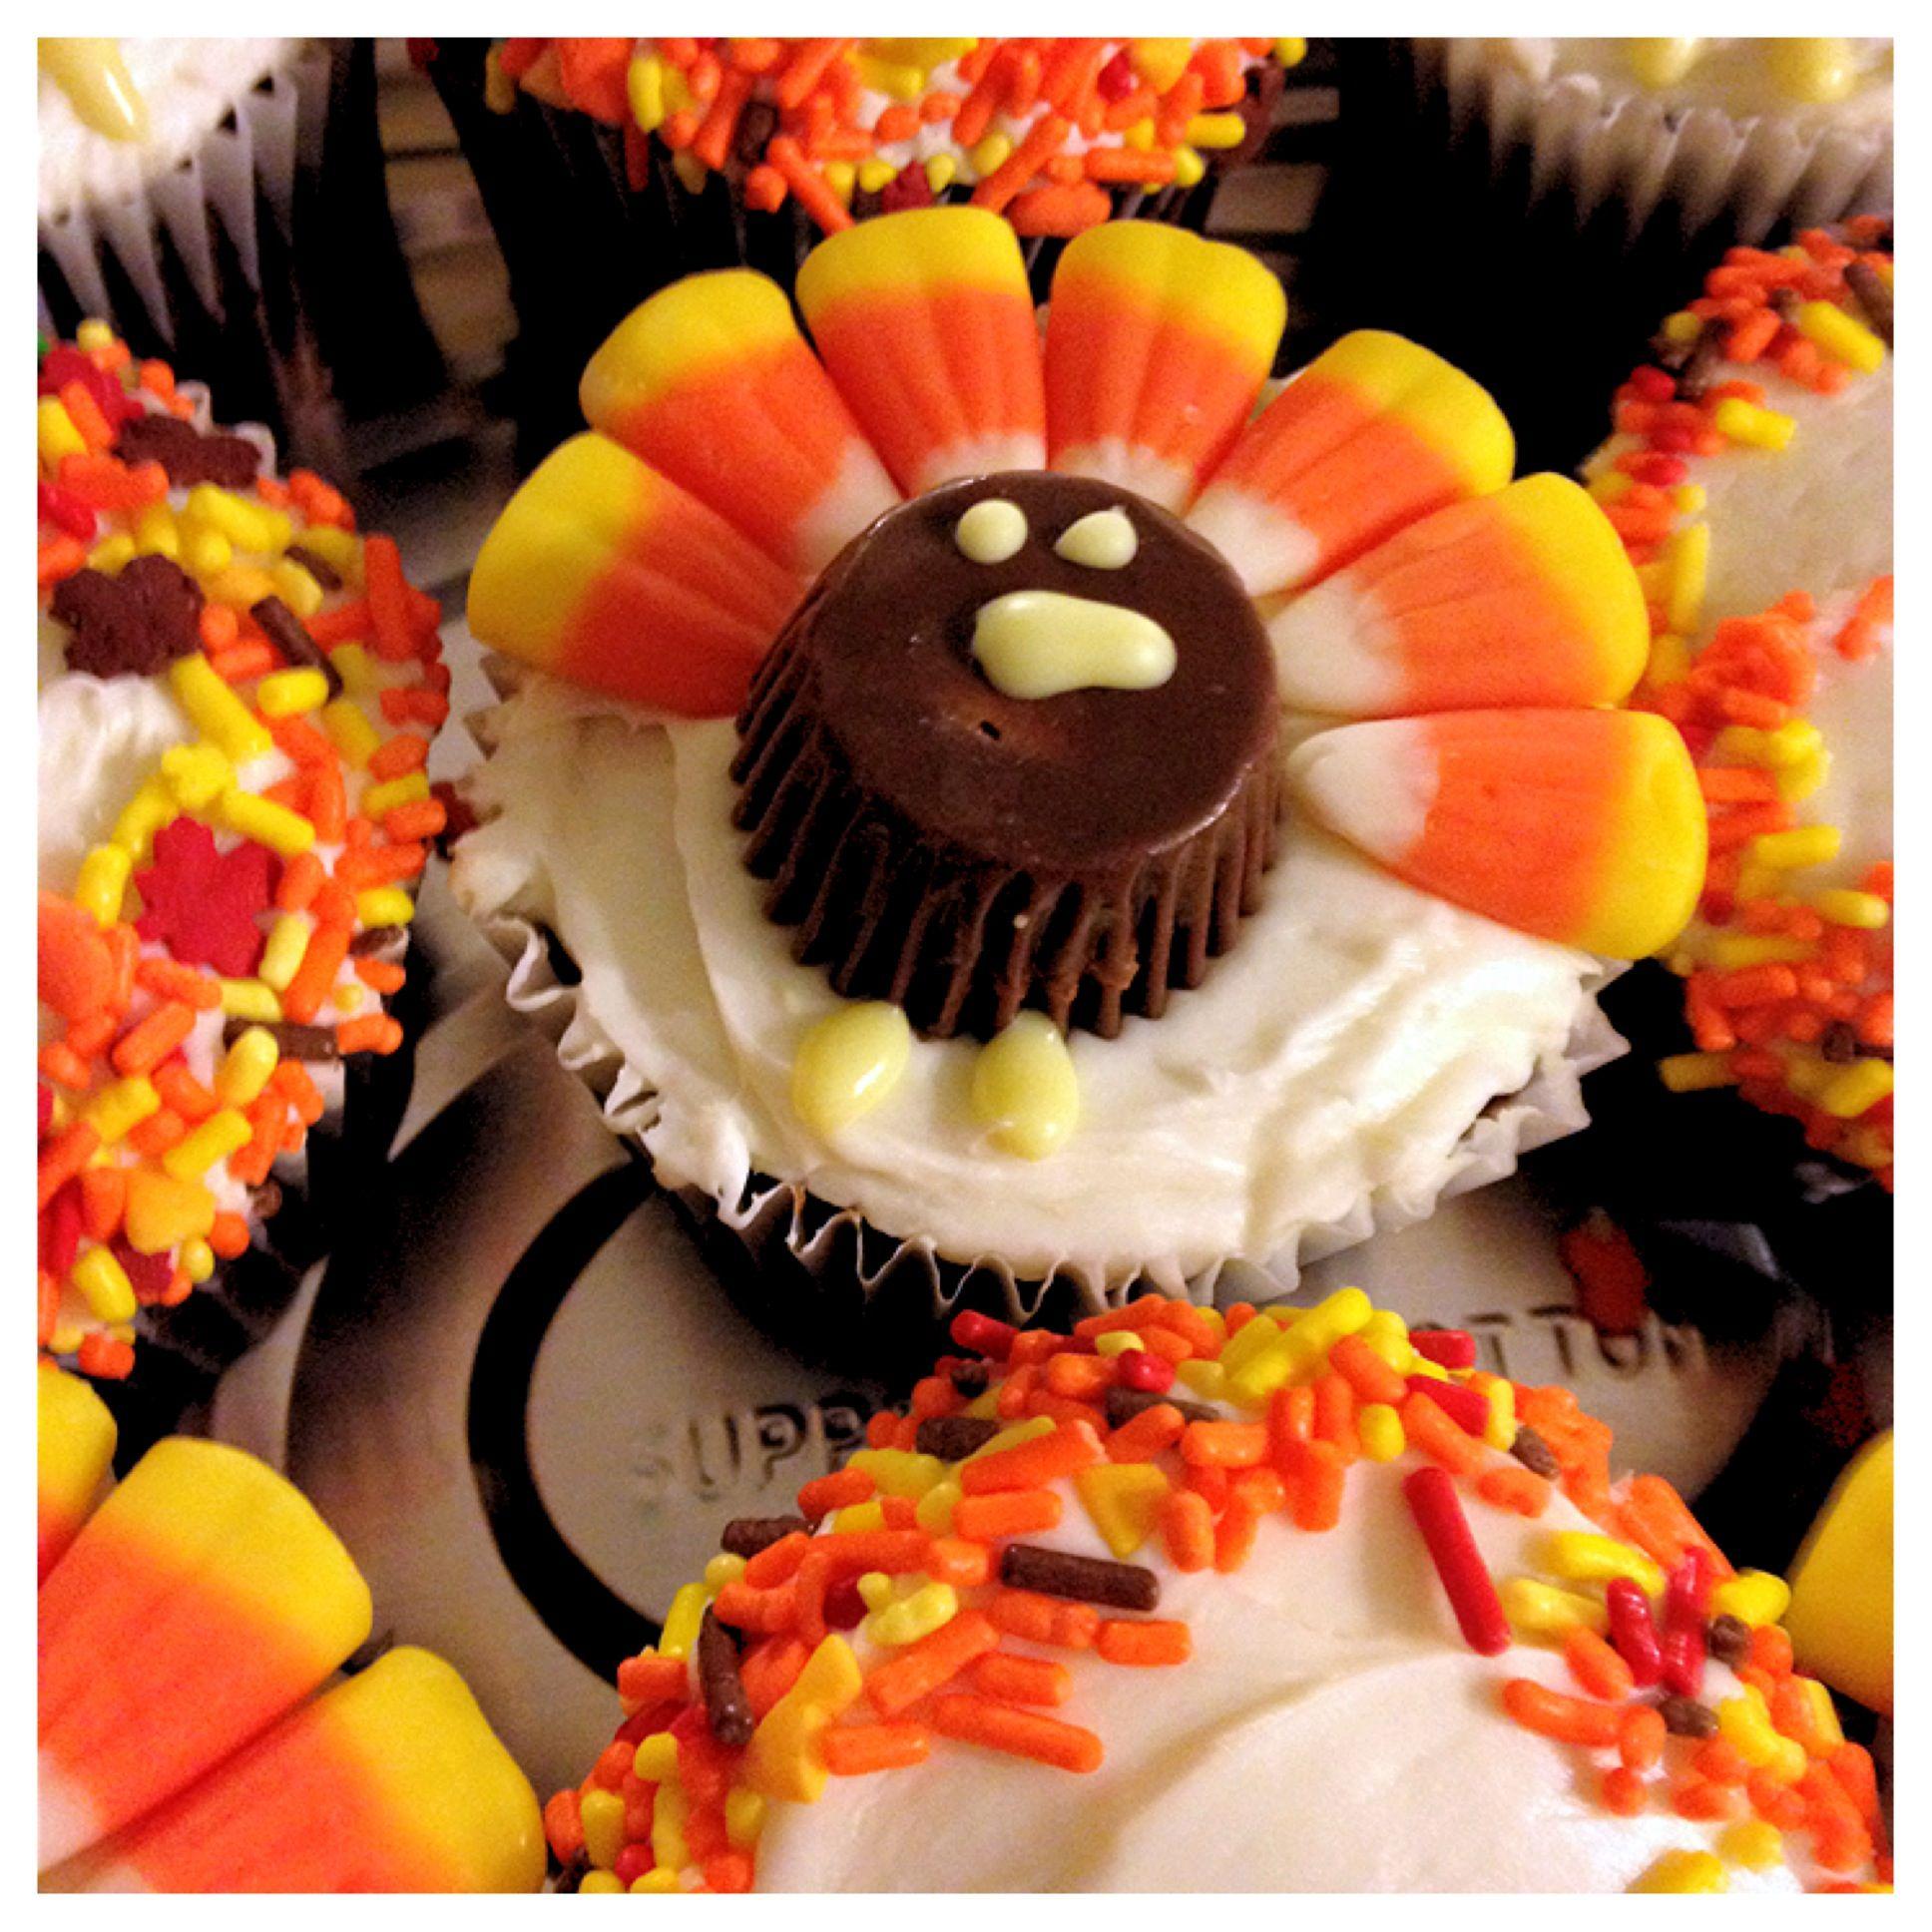 Decorated Chocolate Turkeys Www Dunmorecandykitchen Com: Thanksgiving Turkey Cupcakes